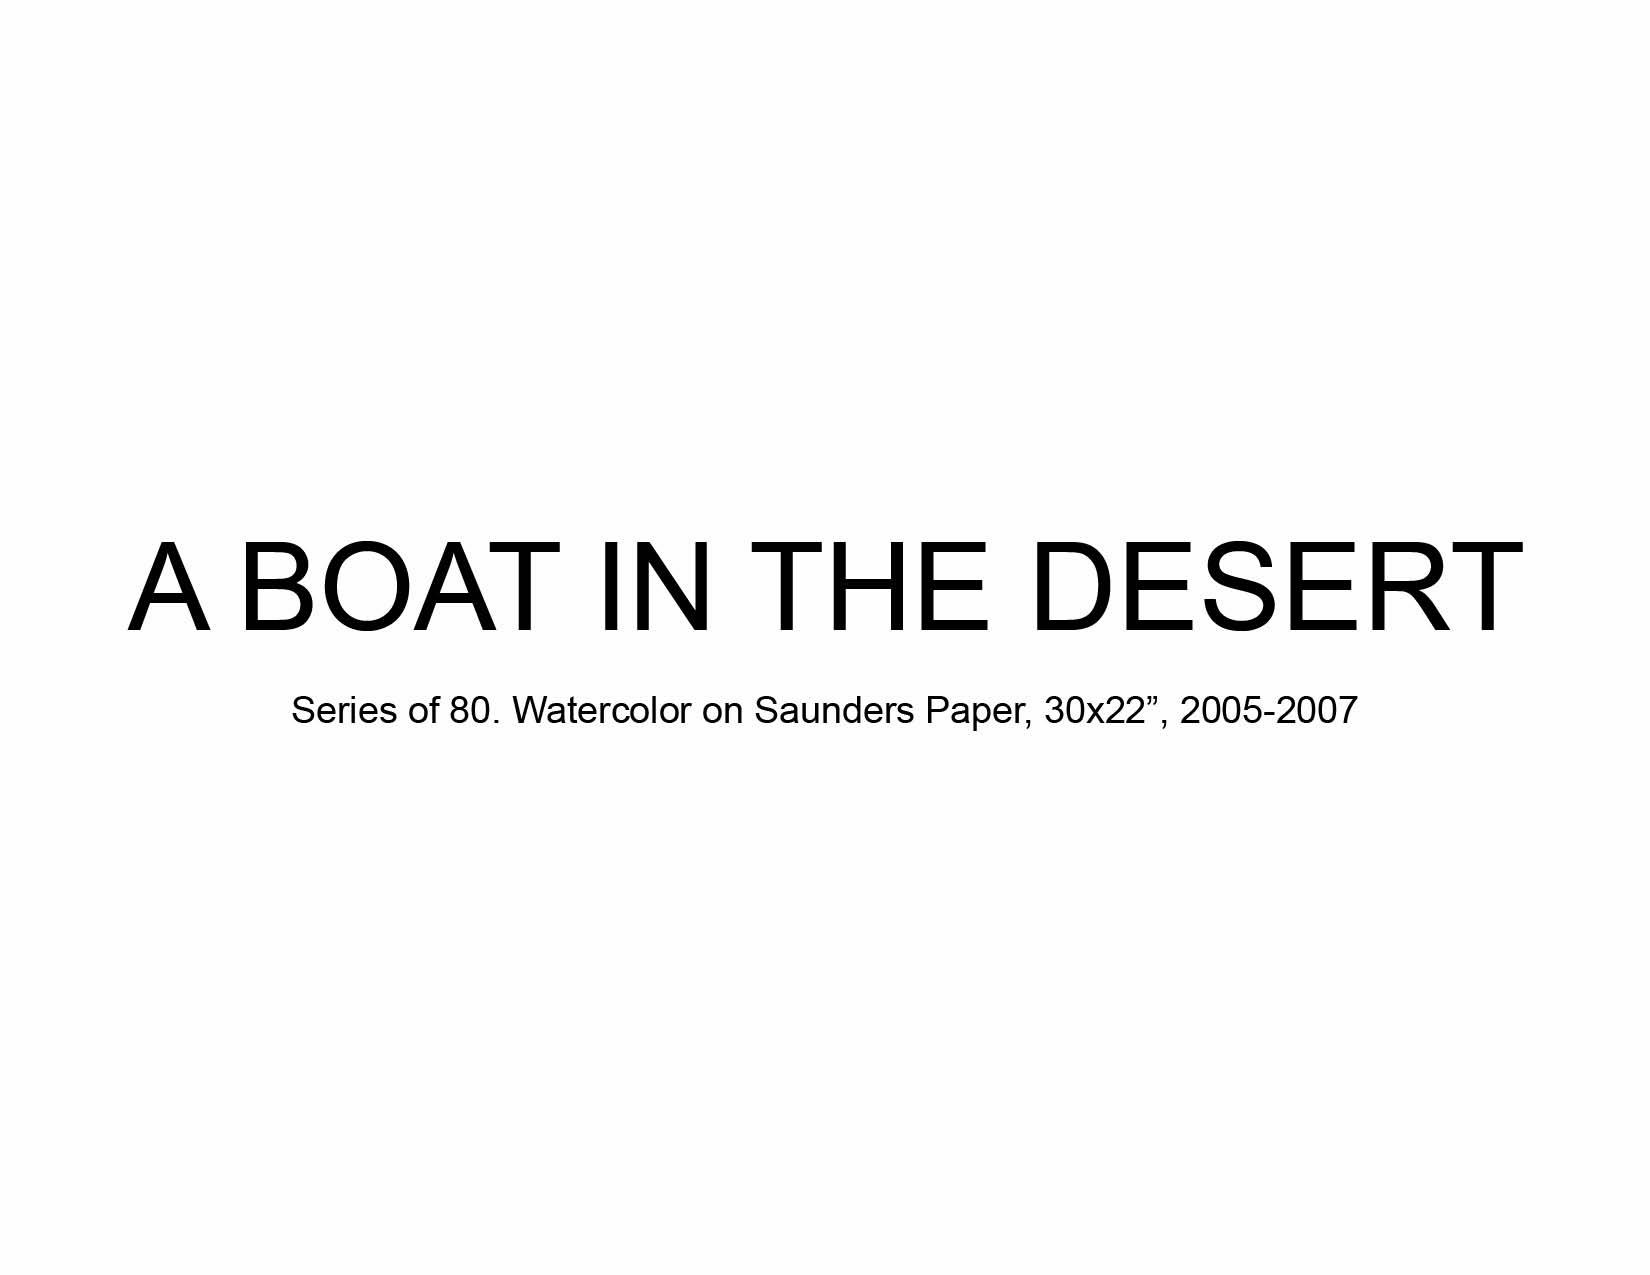 03 A Boat in the Desert.jpg